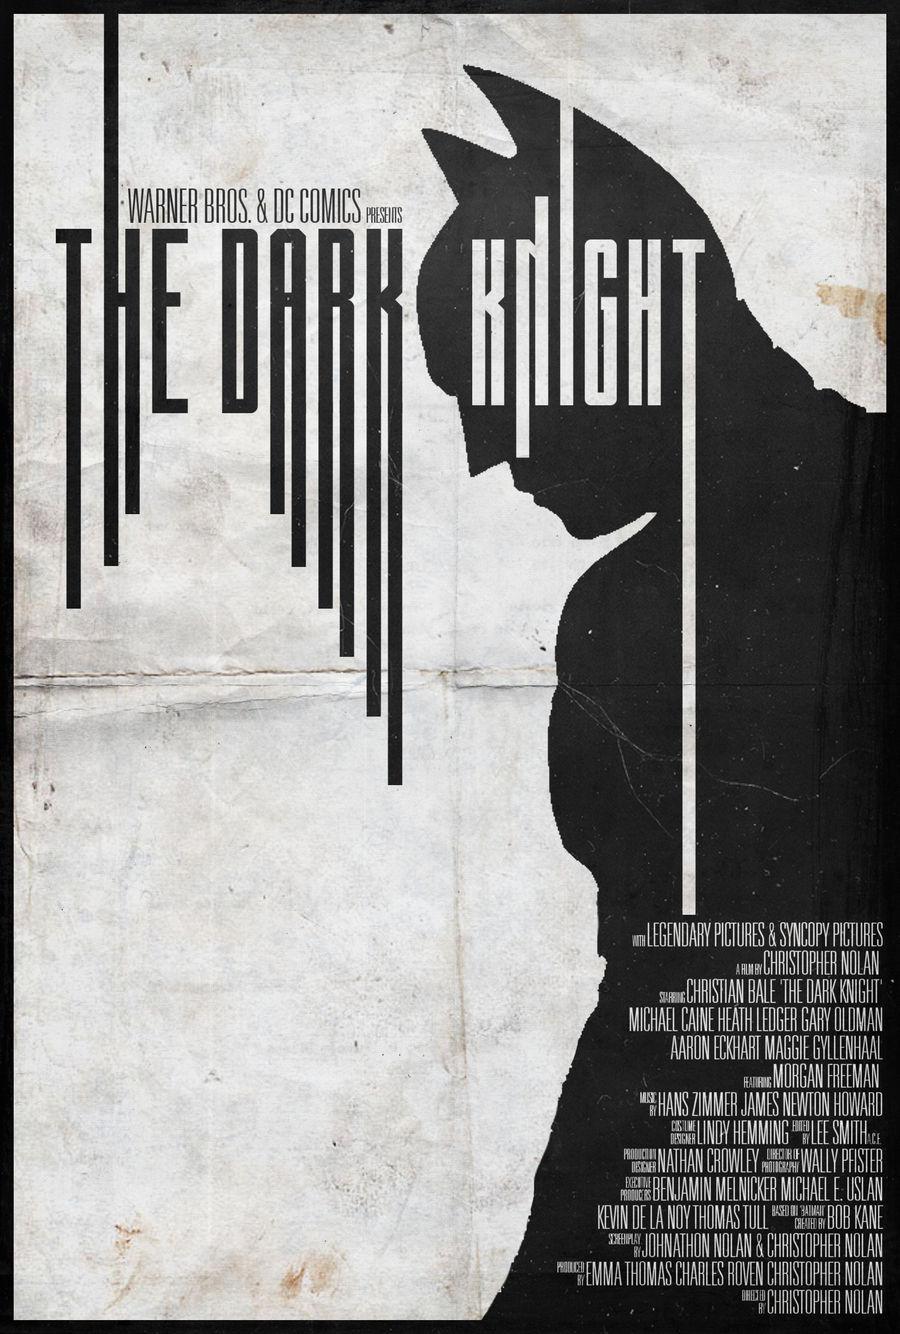 The Dark Knight - Alt. Minimalist Poster